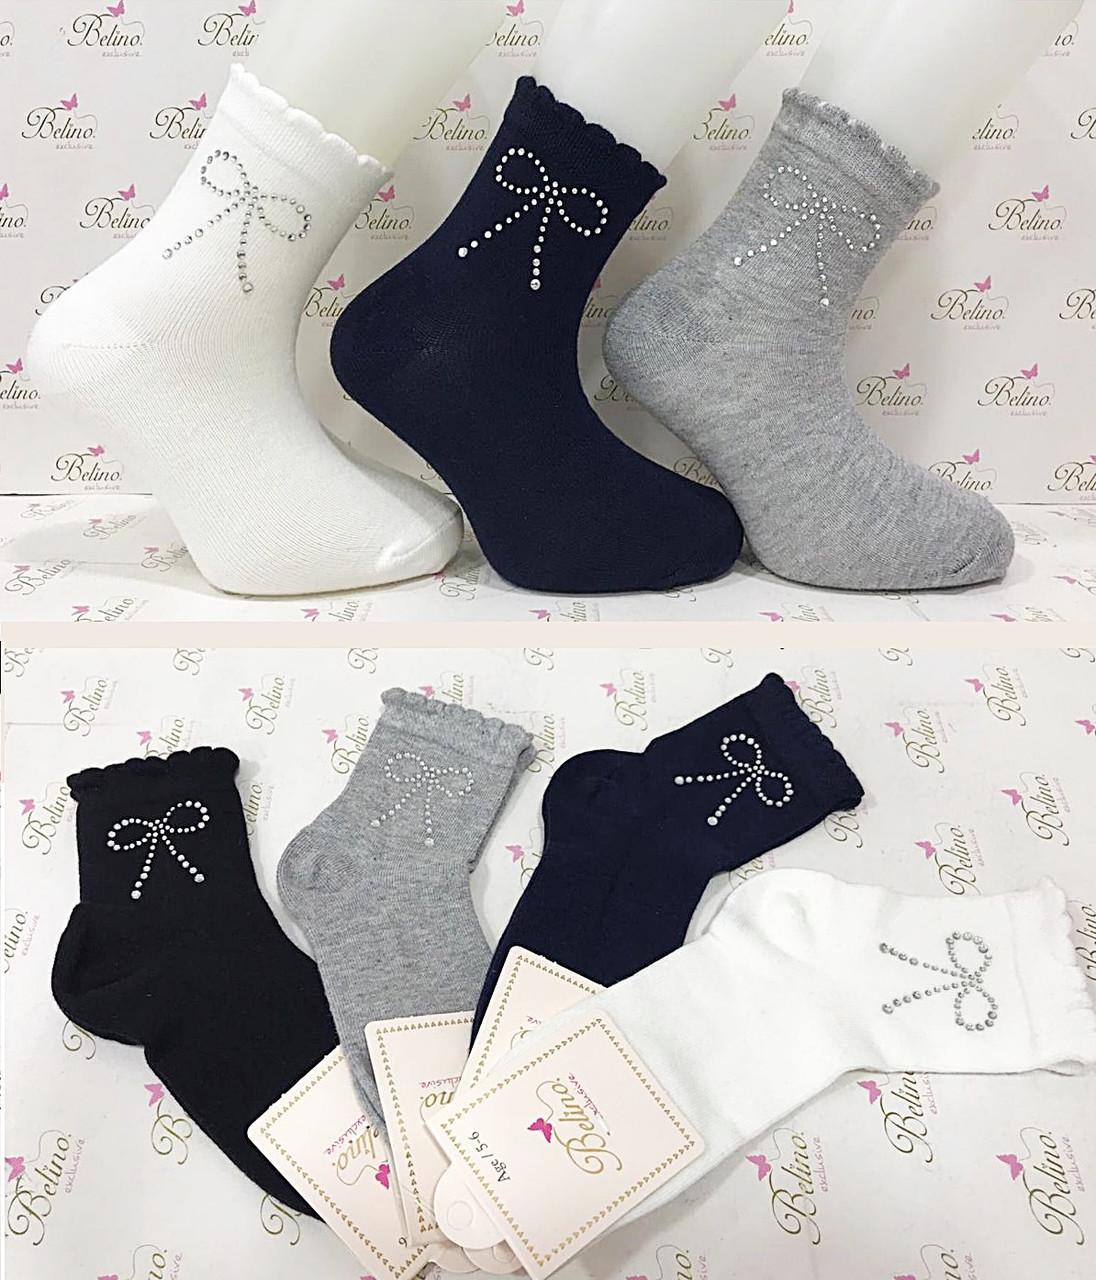 Носки хлопковые со стразами для девочек 5-6 лет ТМ Belino 6989612730181